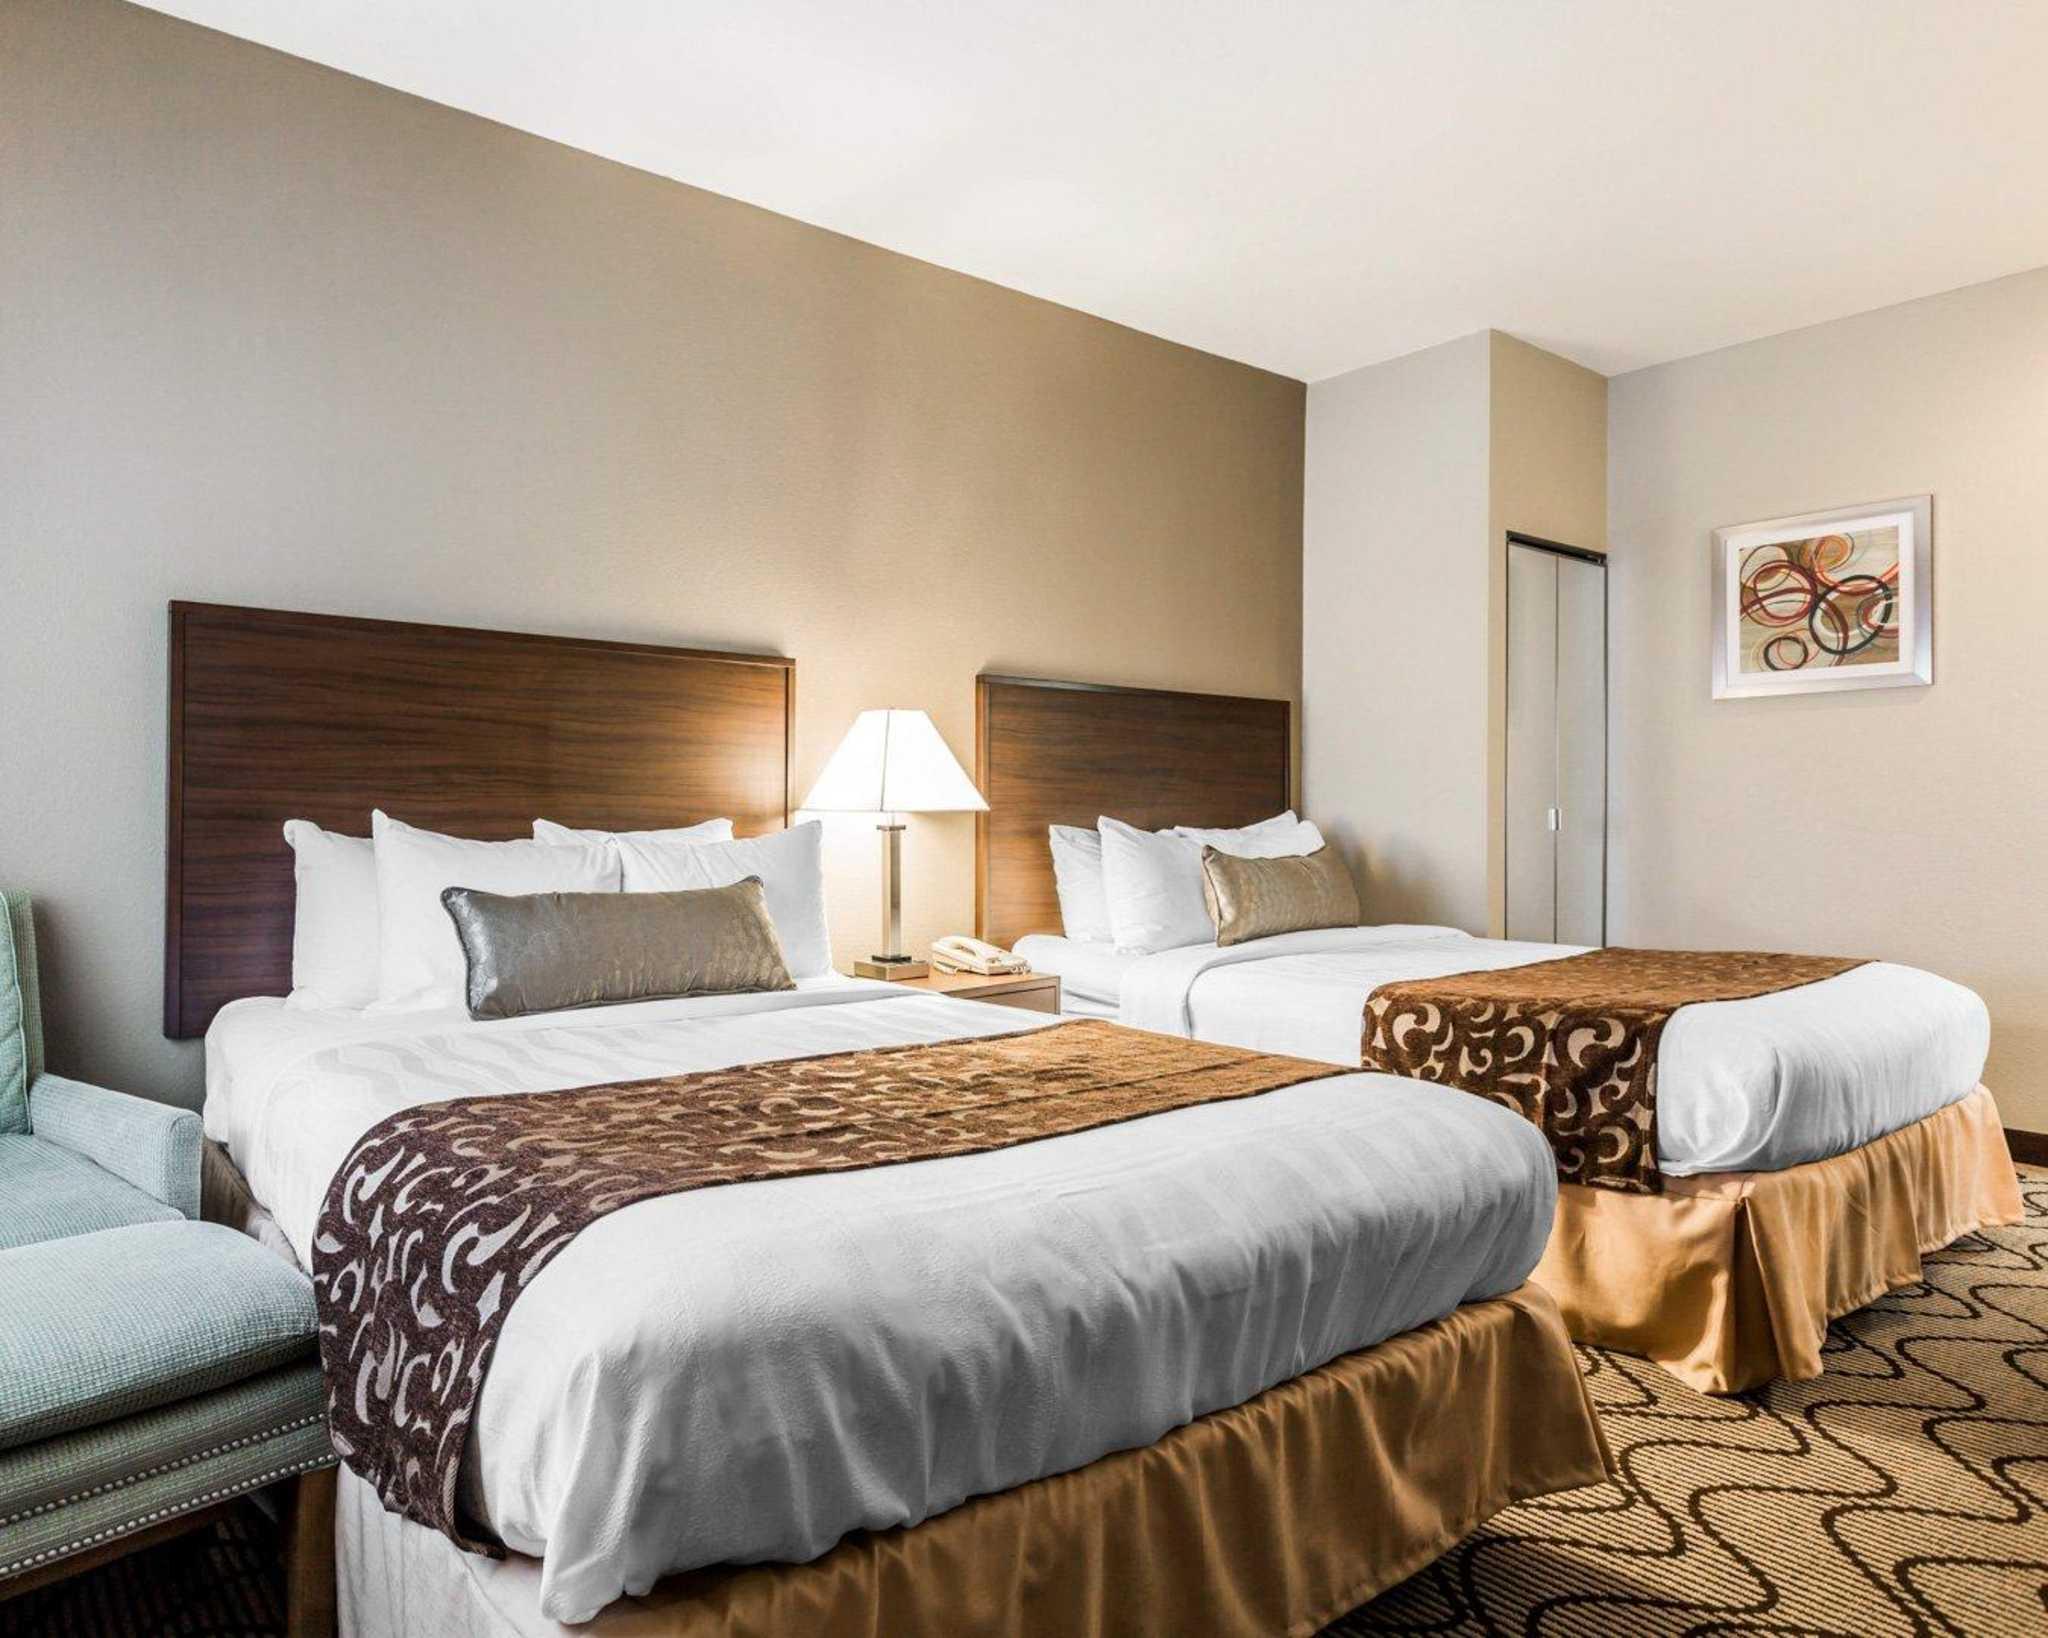 Comfort Inn & Suites Orange County John Wayne Airport image 0